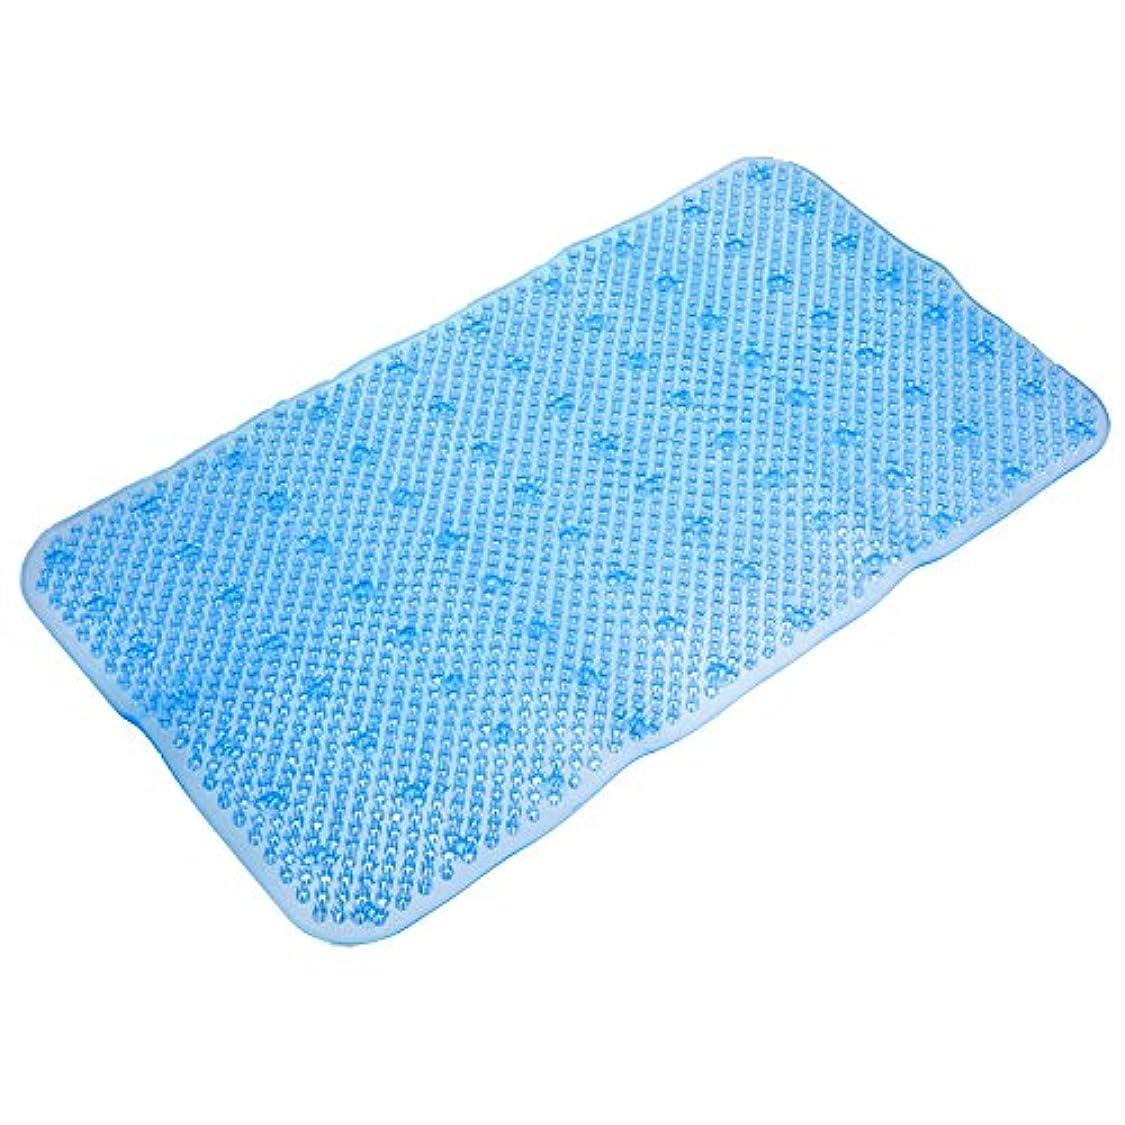 見落とすハンバーガー合わせて便利な pvc 34 × 64 センチ非スリップ風呂浴室シャワー トイレ アンチスリップフロアマット吸引吸盤パッド足マッサージ の敷物5色-青い